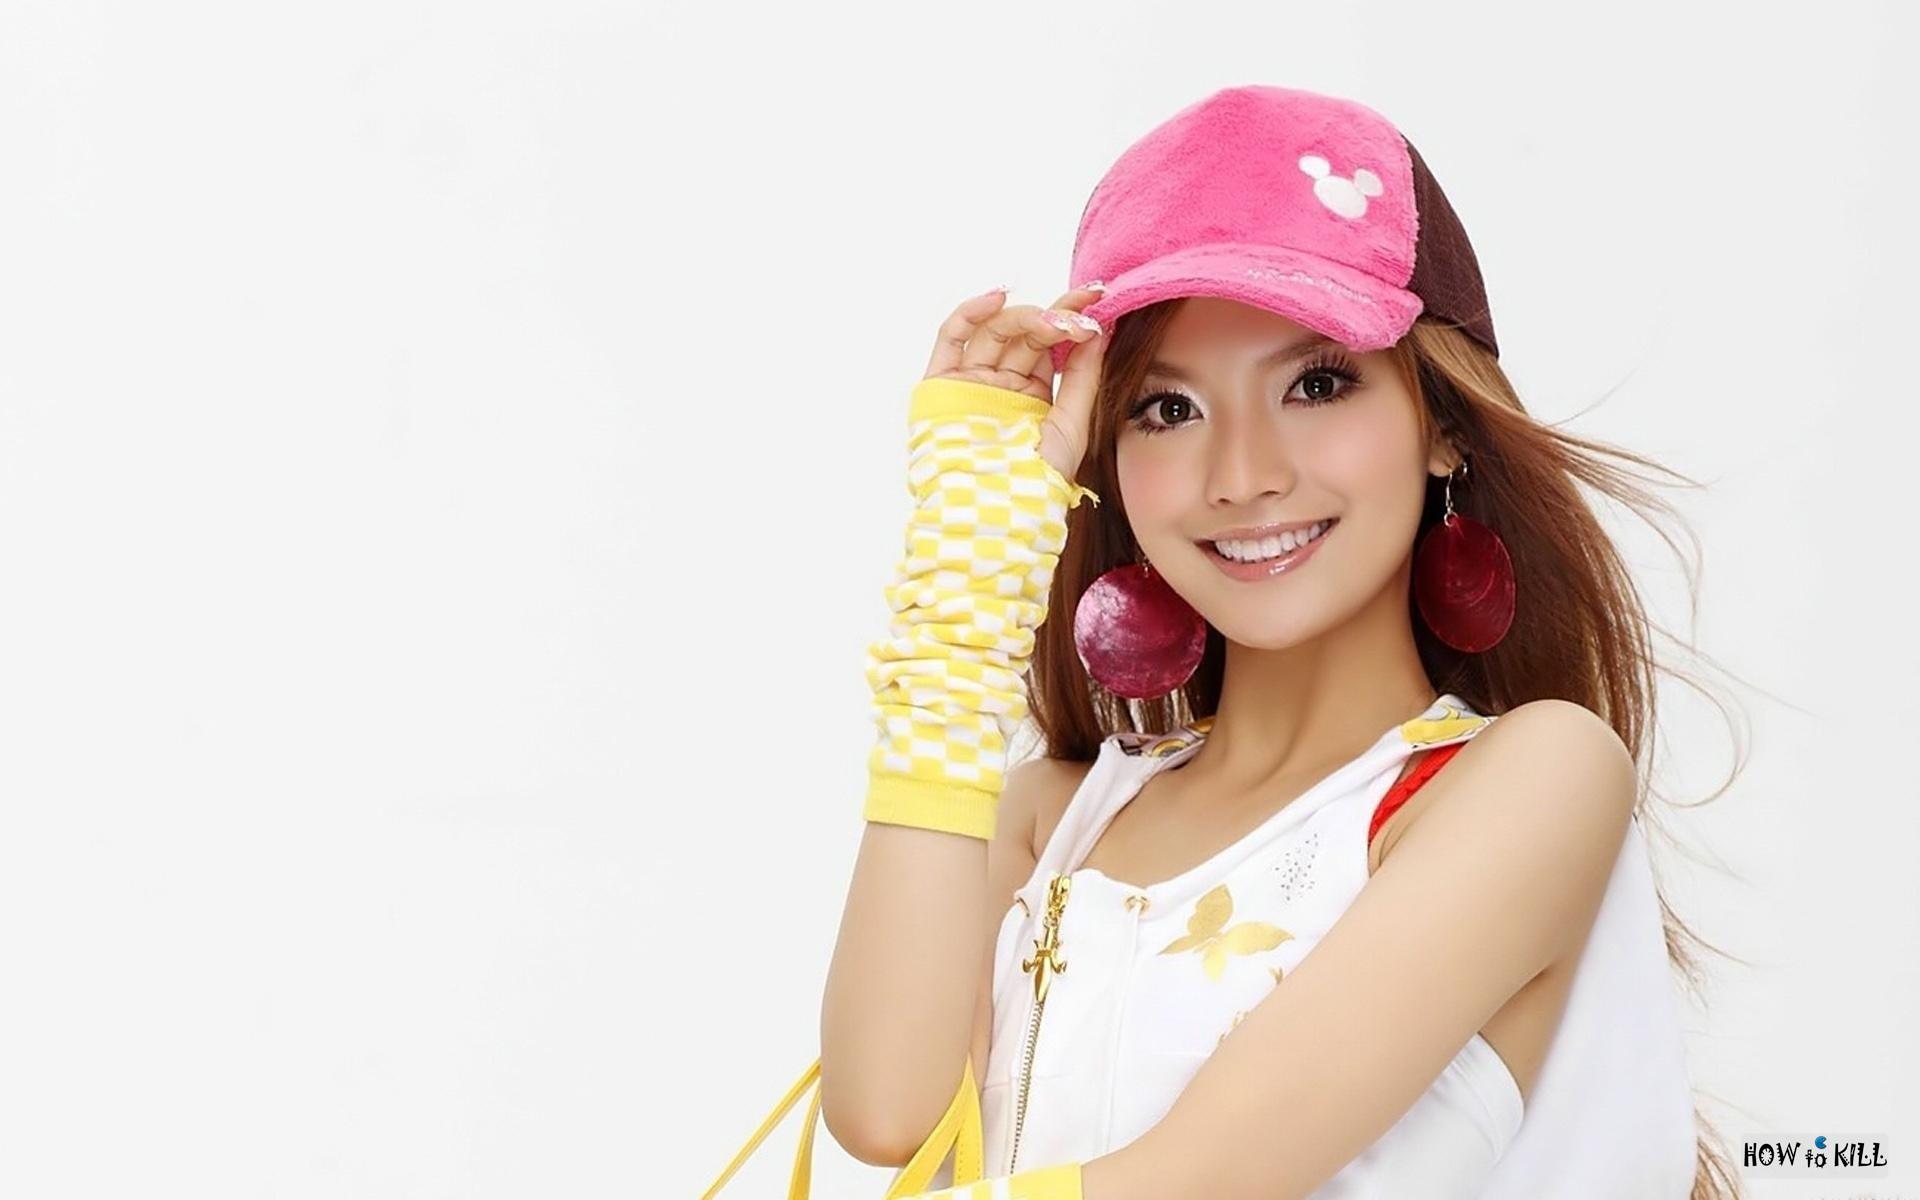 Фсех фото японки карейси китаянки 17 фотография